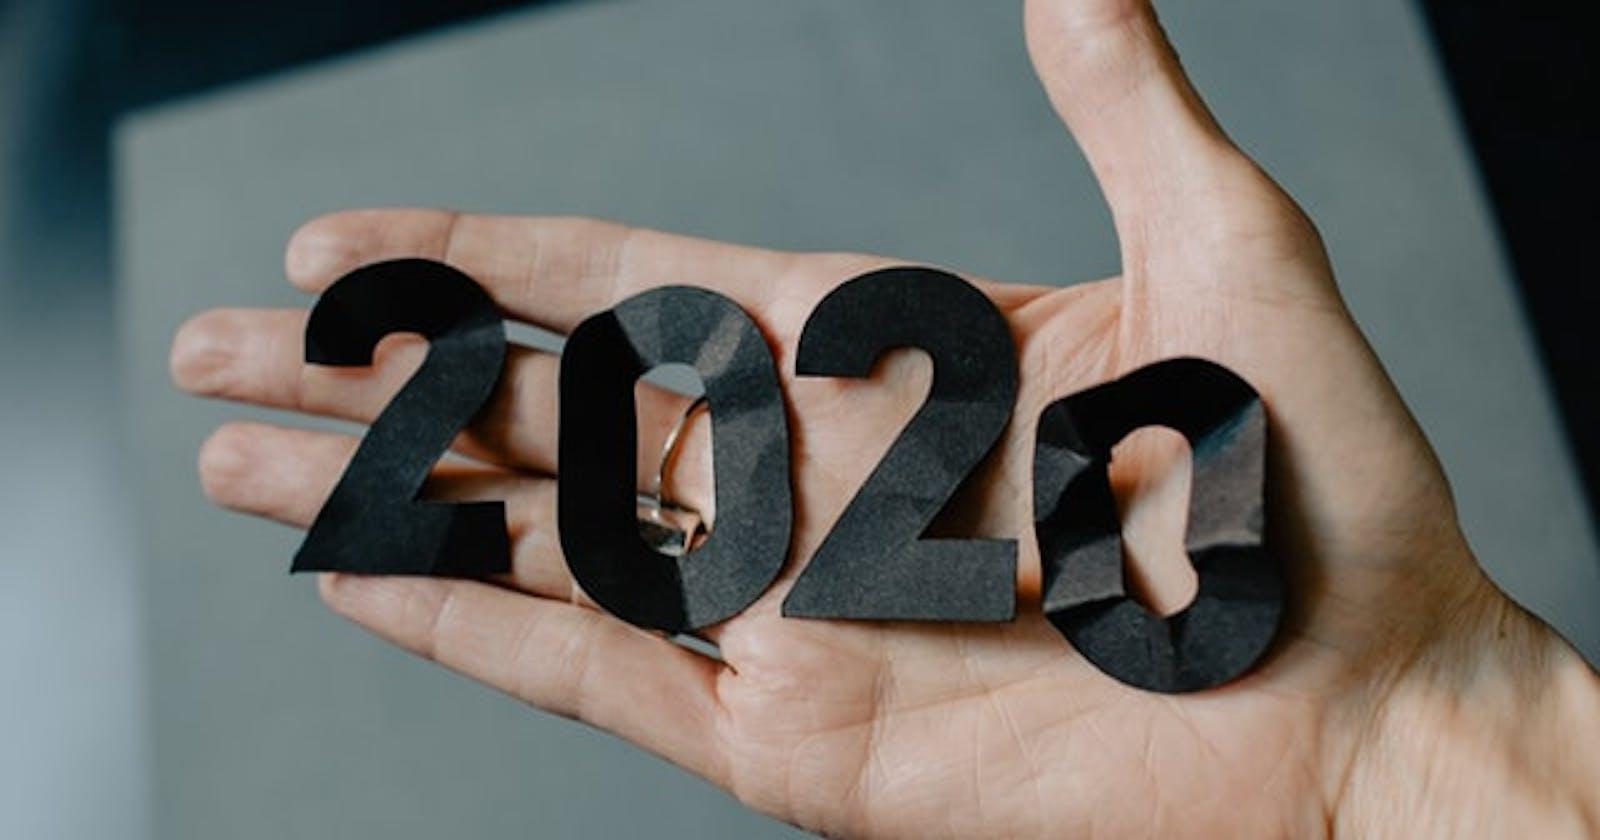 2020 Retrospective